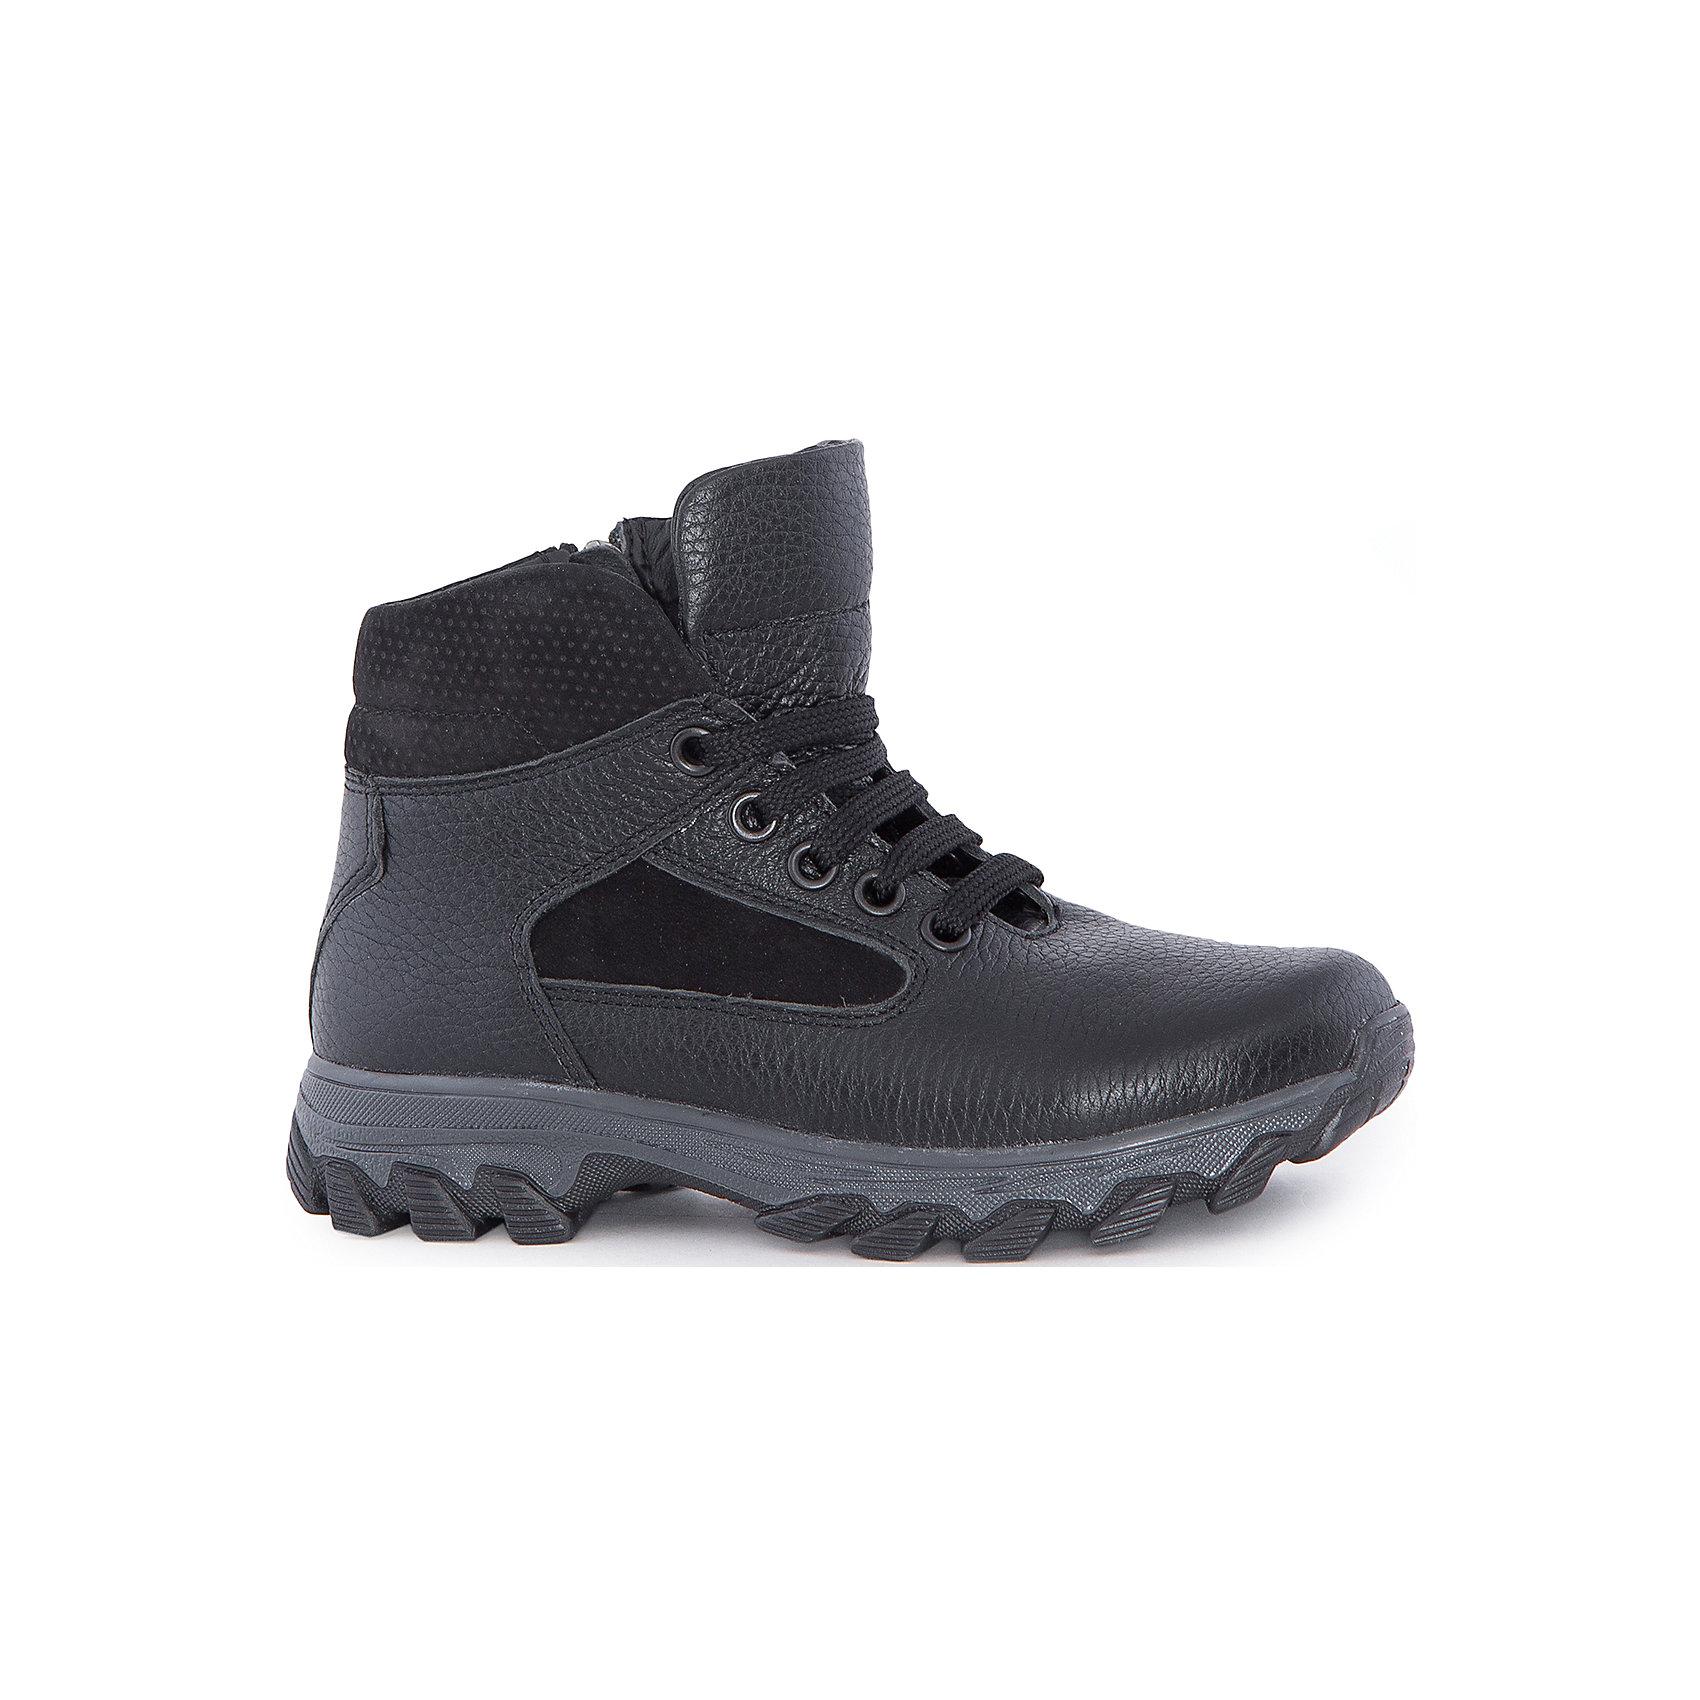 Ботинки для мальчика MursuОбувь<br>Ботинки для мальчика MURSU (Мурсу).<br><br>Характеристики:<br><br>• цвет: черный<br>• температурный режим до -25С<br>• материал верха: натуральная кожа<br>• внутренний материал: натуральная шерсть<br>• стелька: шерсть<br>застежка-молния сбоку, шнурки<br>• сезон: зима<br><br>Удобные ботинки MURSU сохранят тепло и подарят комфорт на протяжении всей прогулки. Они изготовлены из натуральной кожи с подкладкой из шерсти. Рифленая подошва обеспечит устойчивость на сколькой дороге. Ботинки застегиваются на молнию сбоку и имеют шнуровку по толщине ноги спереди. Легкие удобные ботинки - отличный выбор для зимних прогулок!<br><br>Ботинки для мальчика MURSU (Мурсу) вы можете купить в нашем интернет-магазине.<br><br>Ширина мм: 262<br>Глубина мм: 176<br>Высота мм: 97<br>Вес г: 427<br>Цвет: черный<br>Возраст от месяцев: 132<br>Возраст до месяцев: 144<br>Пол: Мужской<br>Возраст: Детский<br>Размер: 35,32,36,34,33,37<br>SKU: 4862736